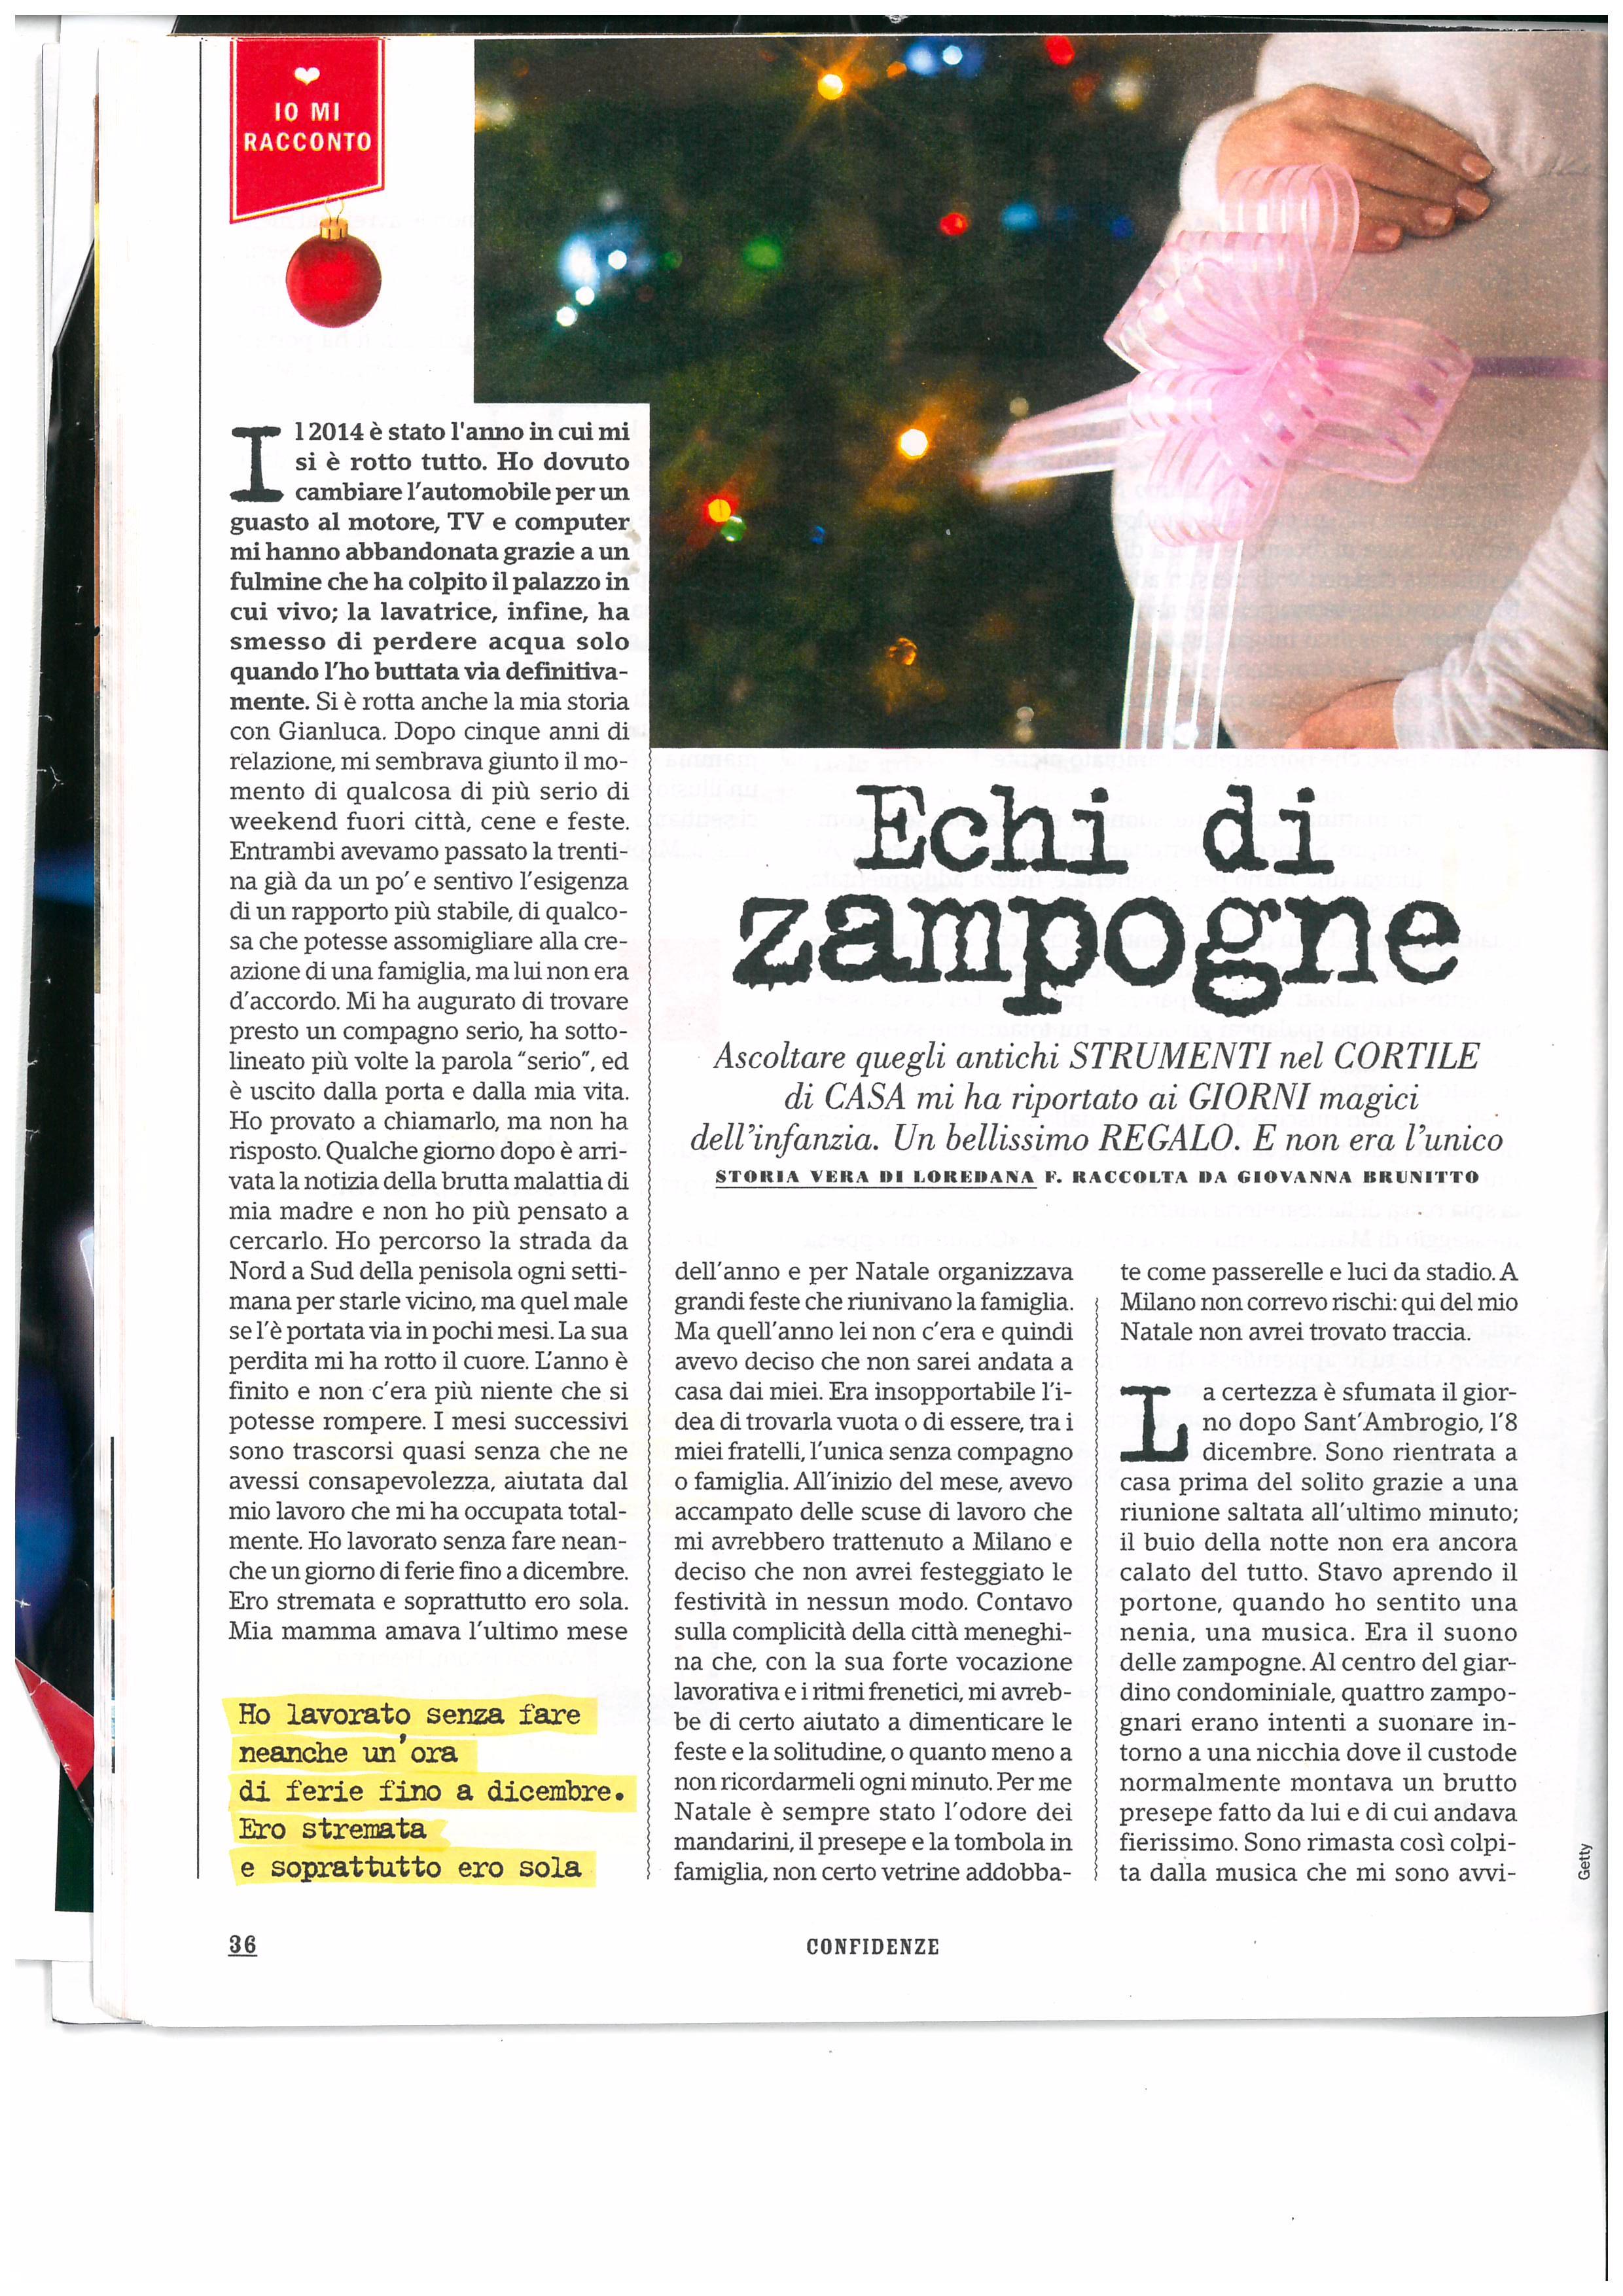 echi-di-zamponge-natale-21-dicembre-2016_pagina_1